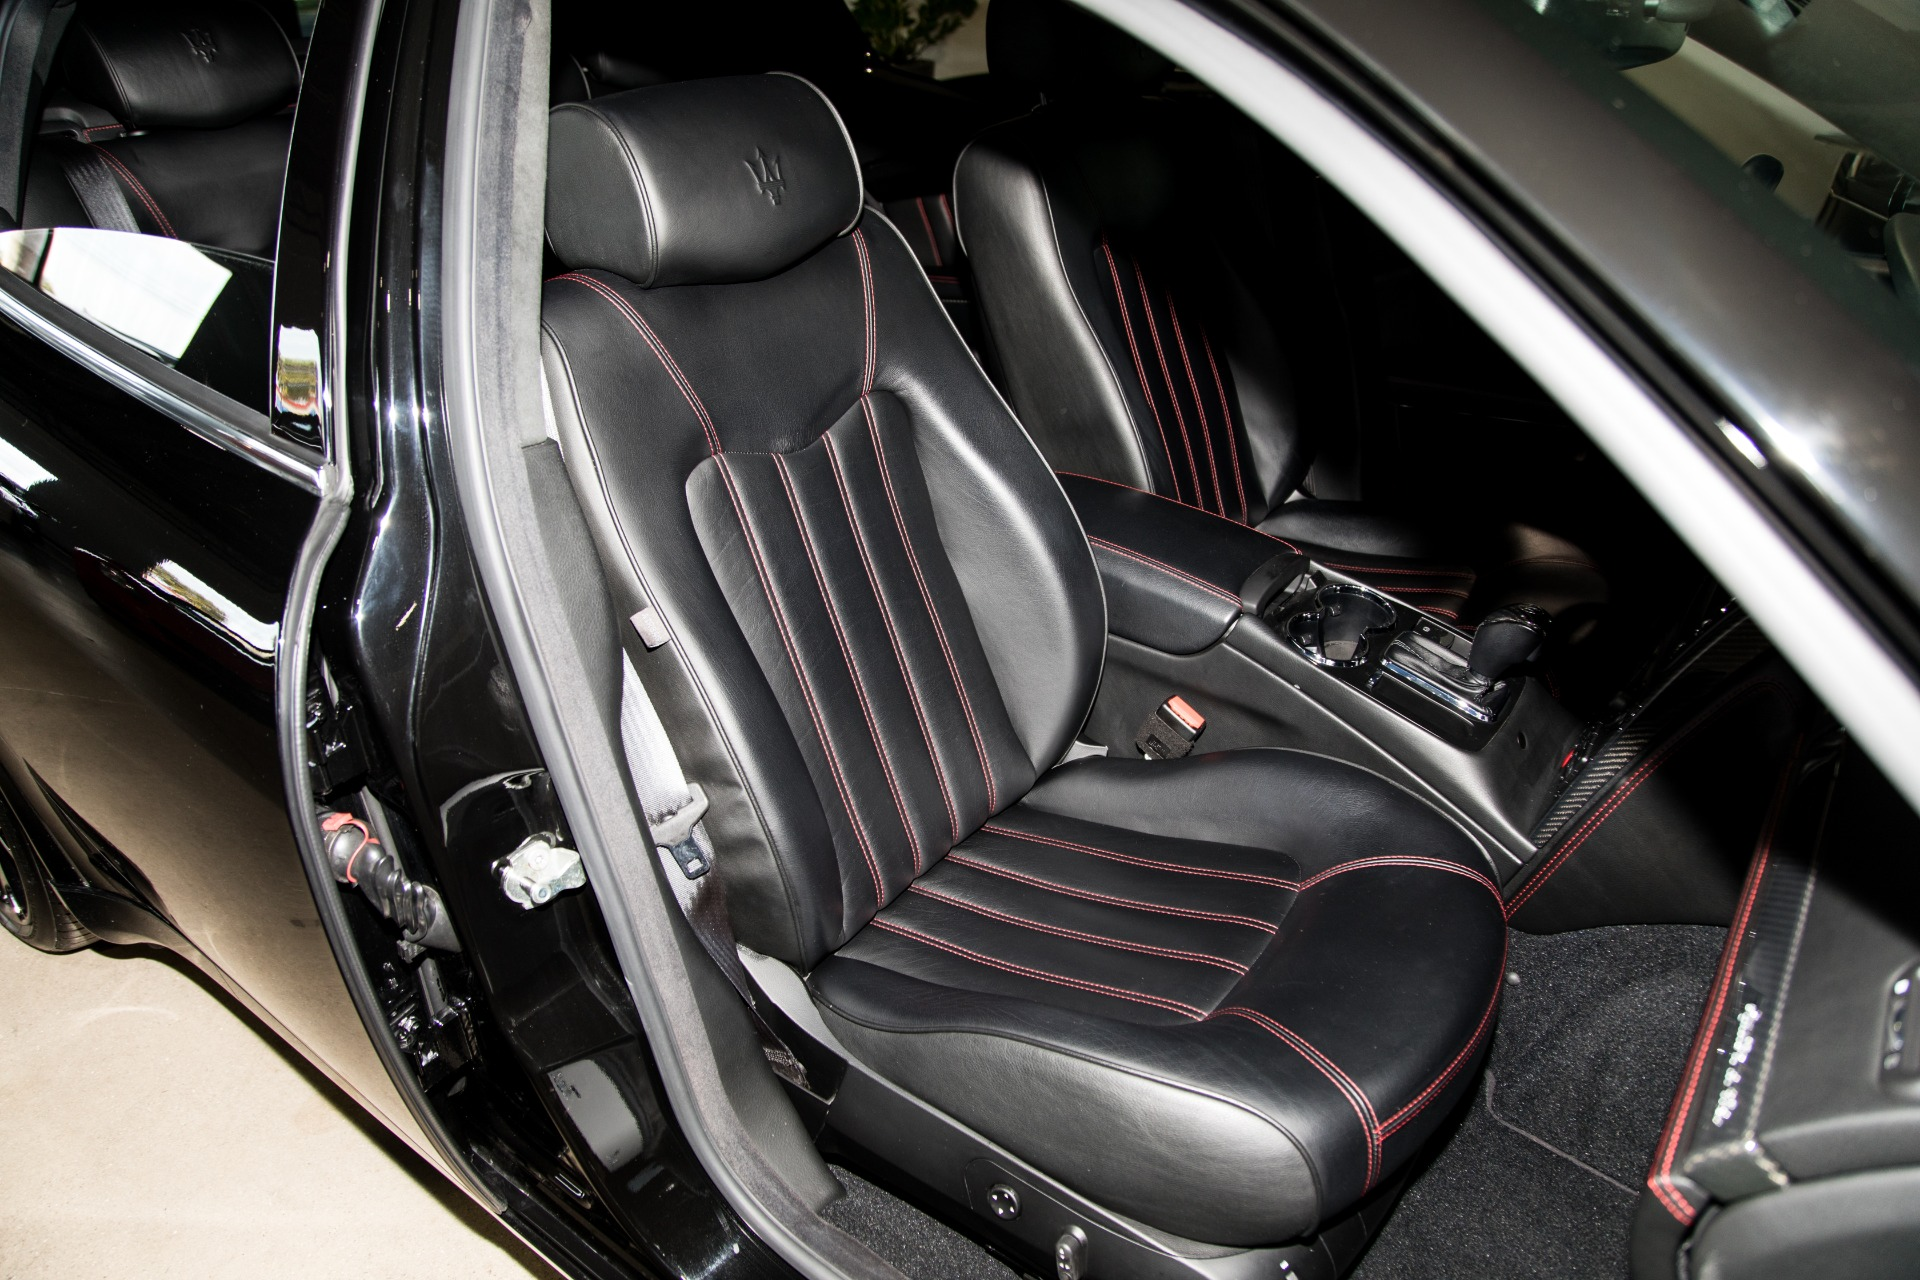 Used-2008-Maserati-Quattroporte-Sport-GT-Automatic